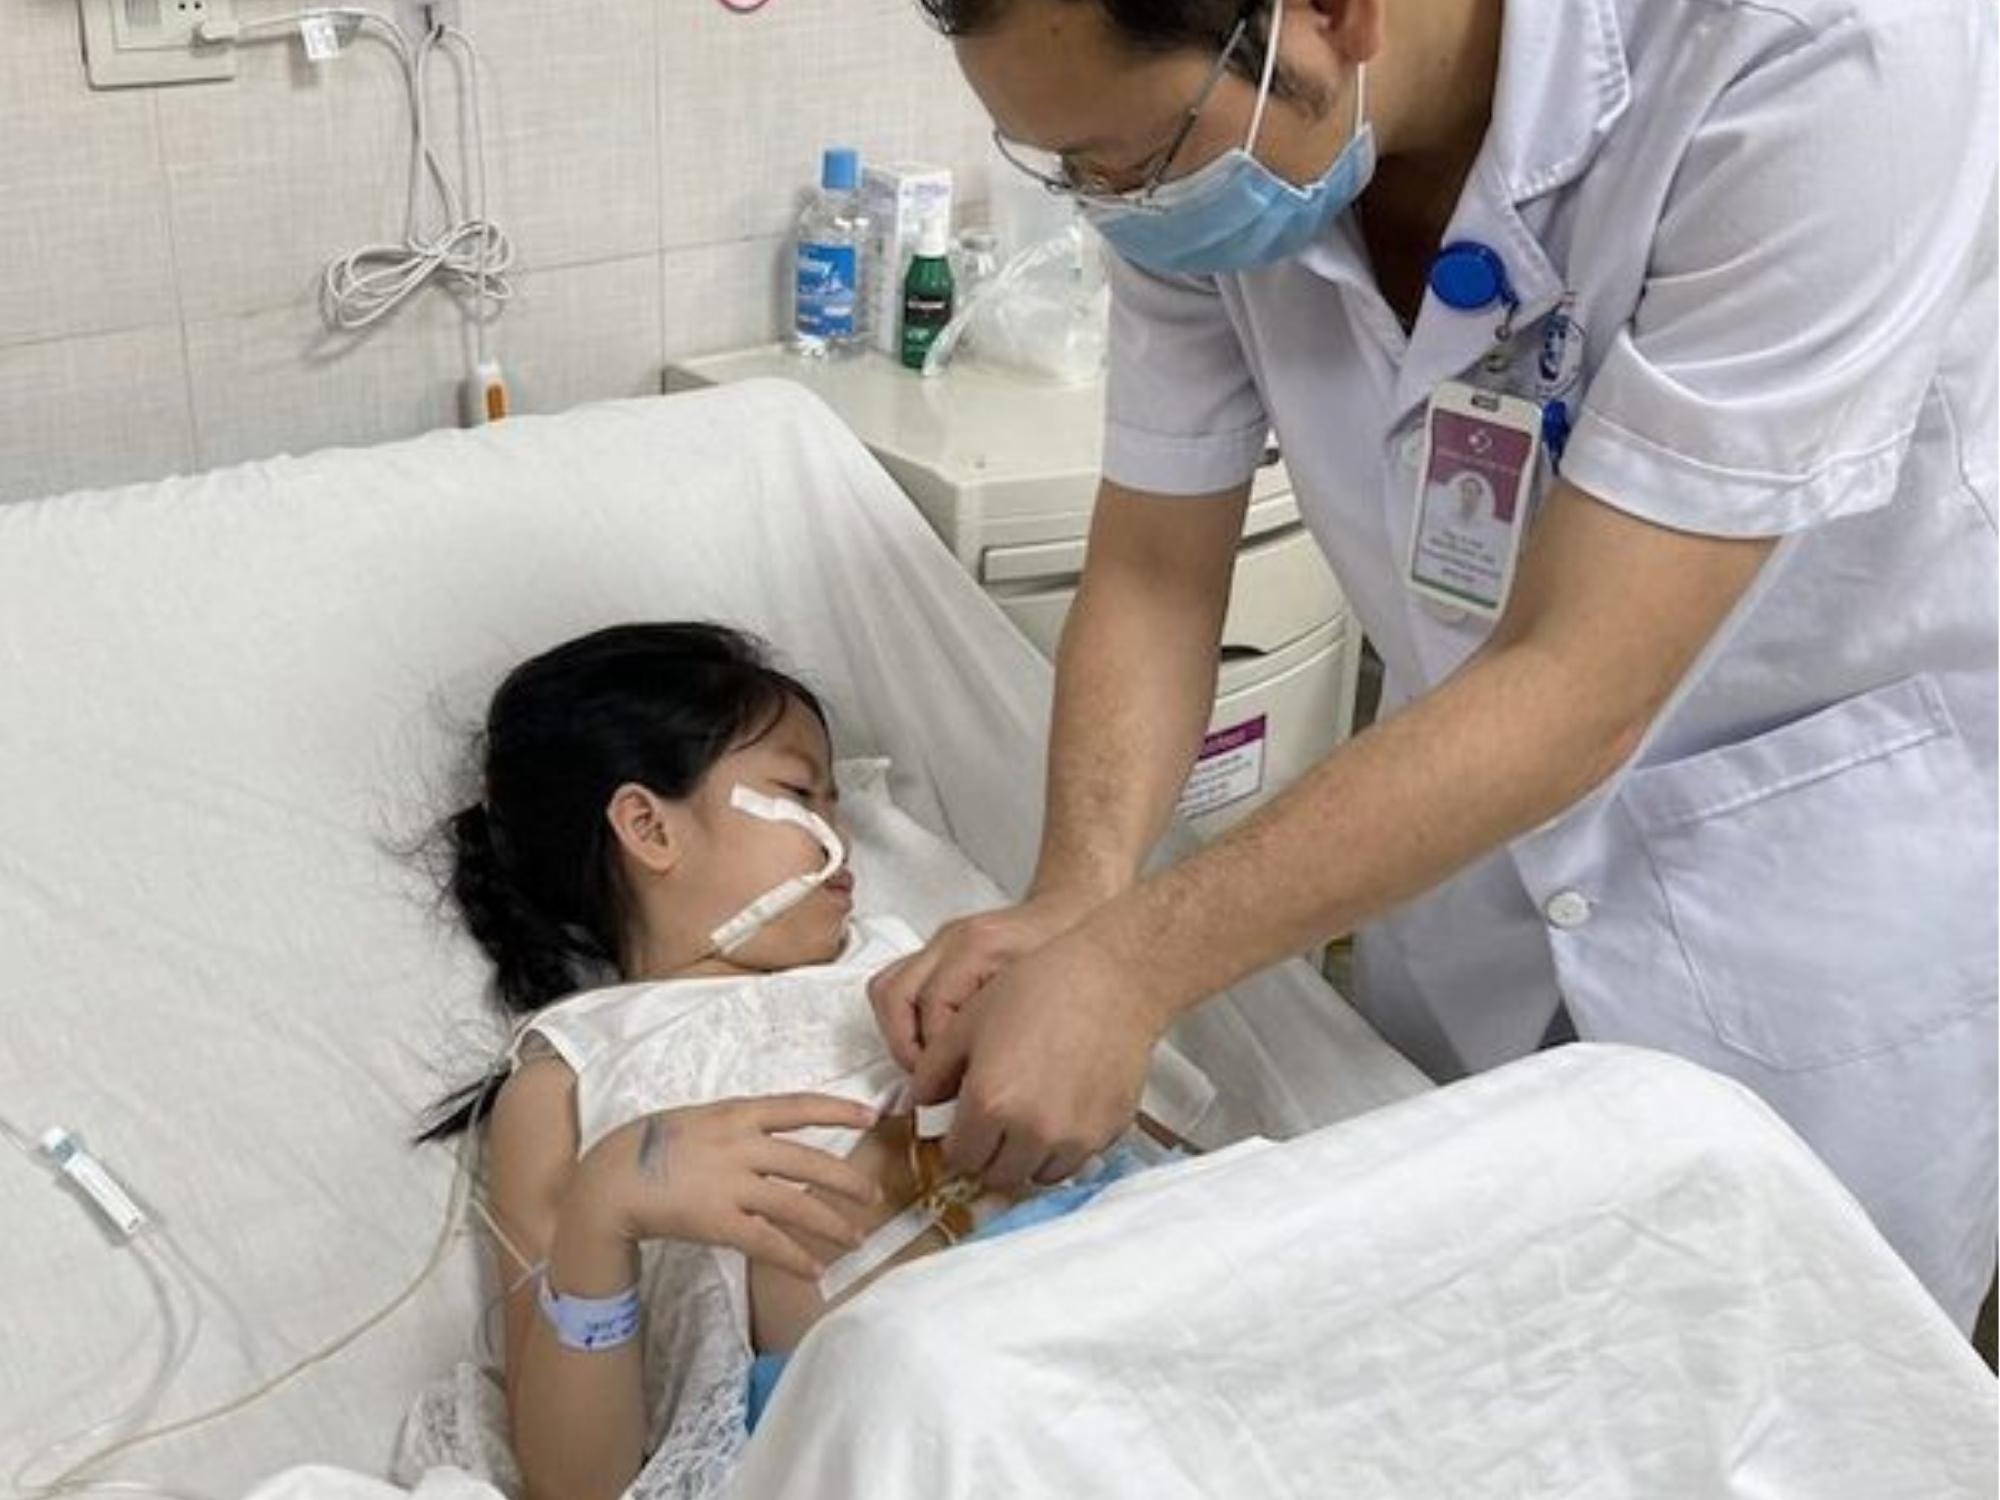 Bé gái 7 tuổi được phát hiện có dị vật trong dạ dày, bác sĩ phẫu thuật 'ngỡ ngàng' khi gắp ra một búi tóc lớn